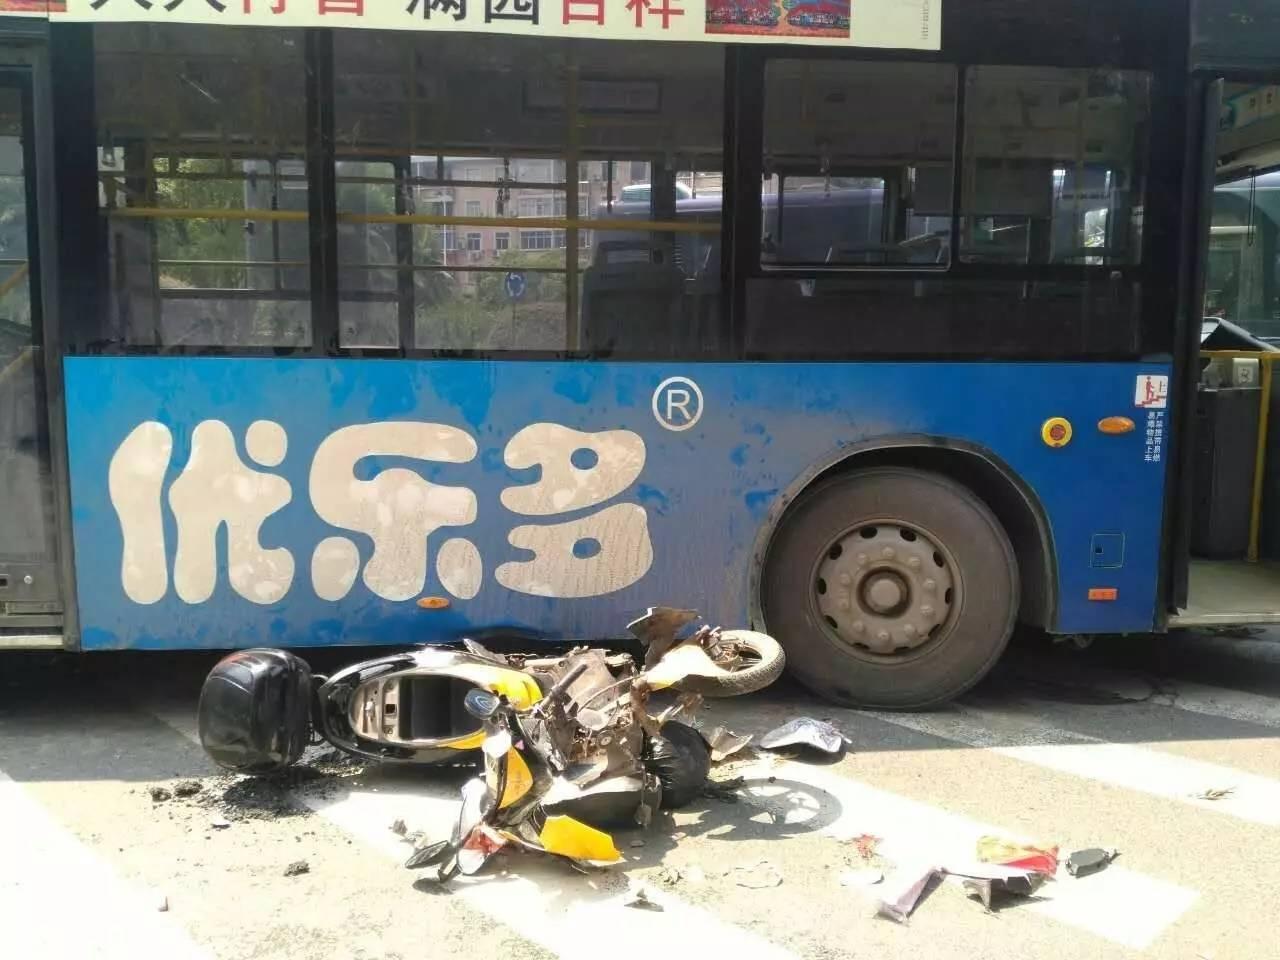 赣州市三康庙转盘发生车祸,一驾驶员卡公交车轮胎下!